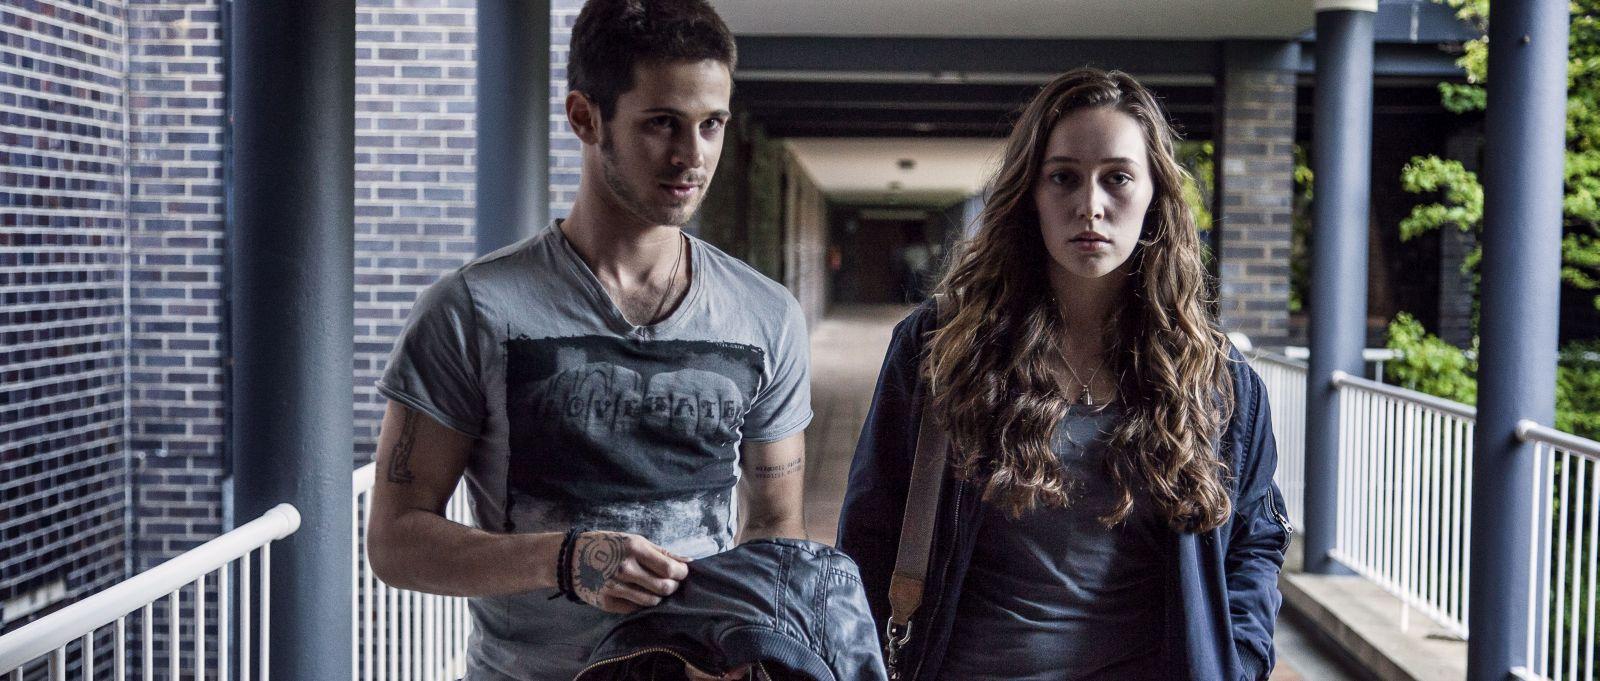 Friend Request - La morte ha il tuo profilo: Alycia Debnam-Carey e Connor Paolo in una scena del film